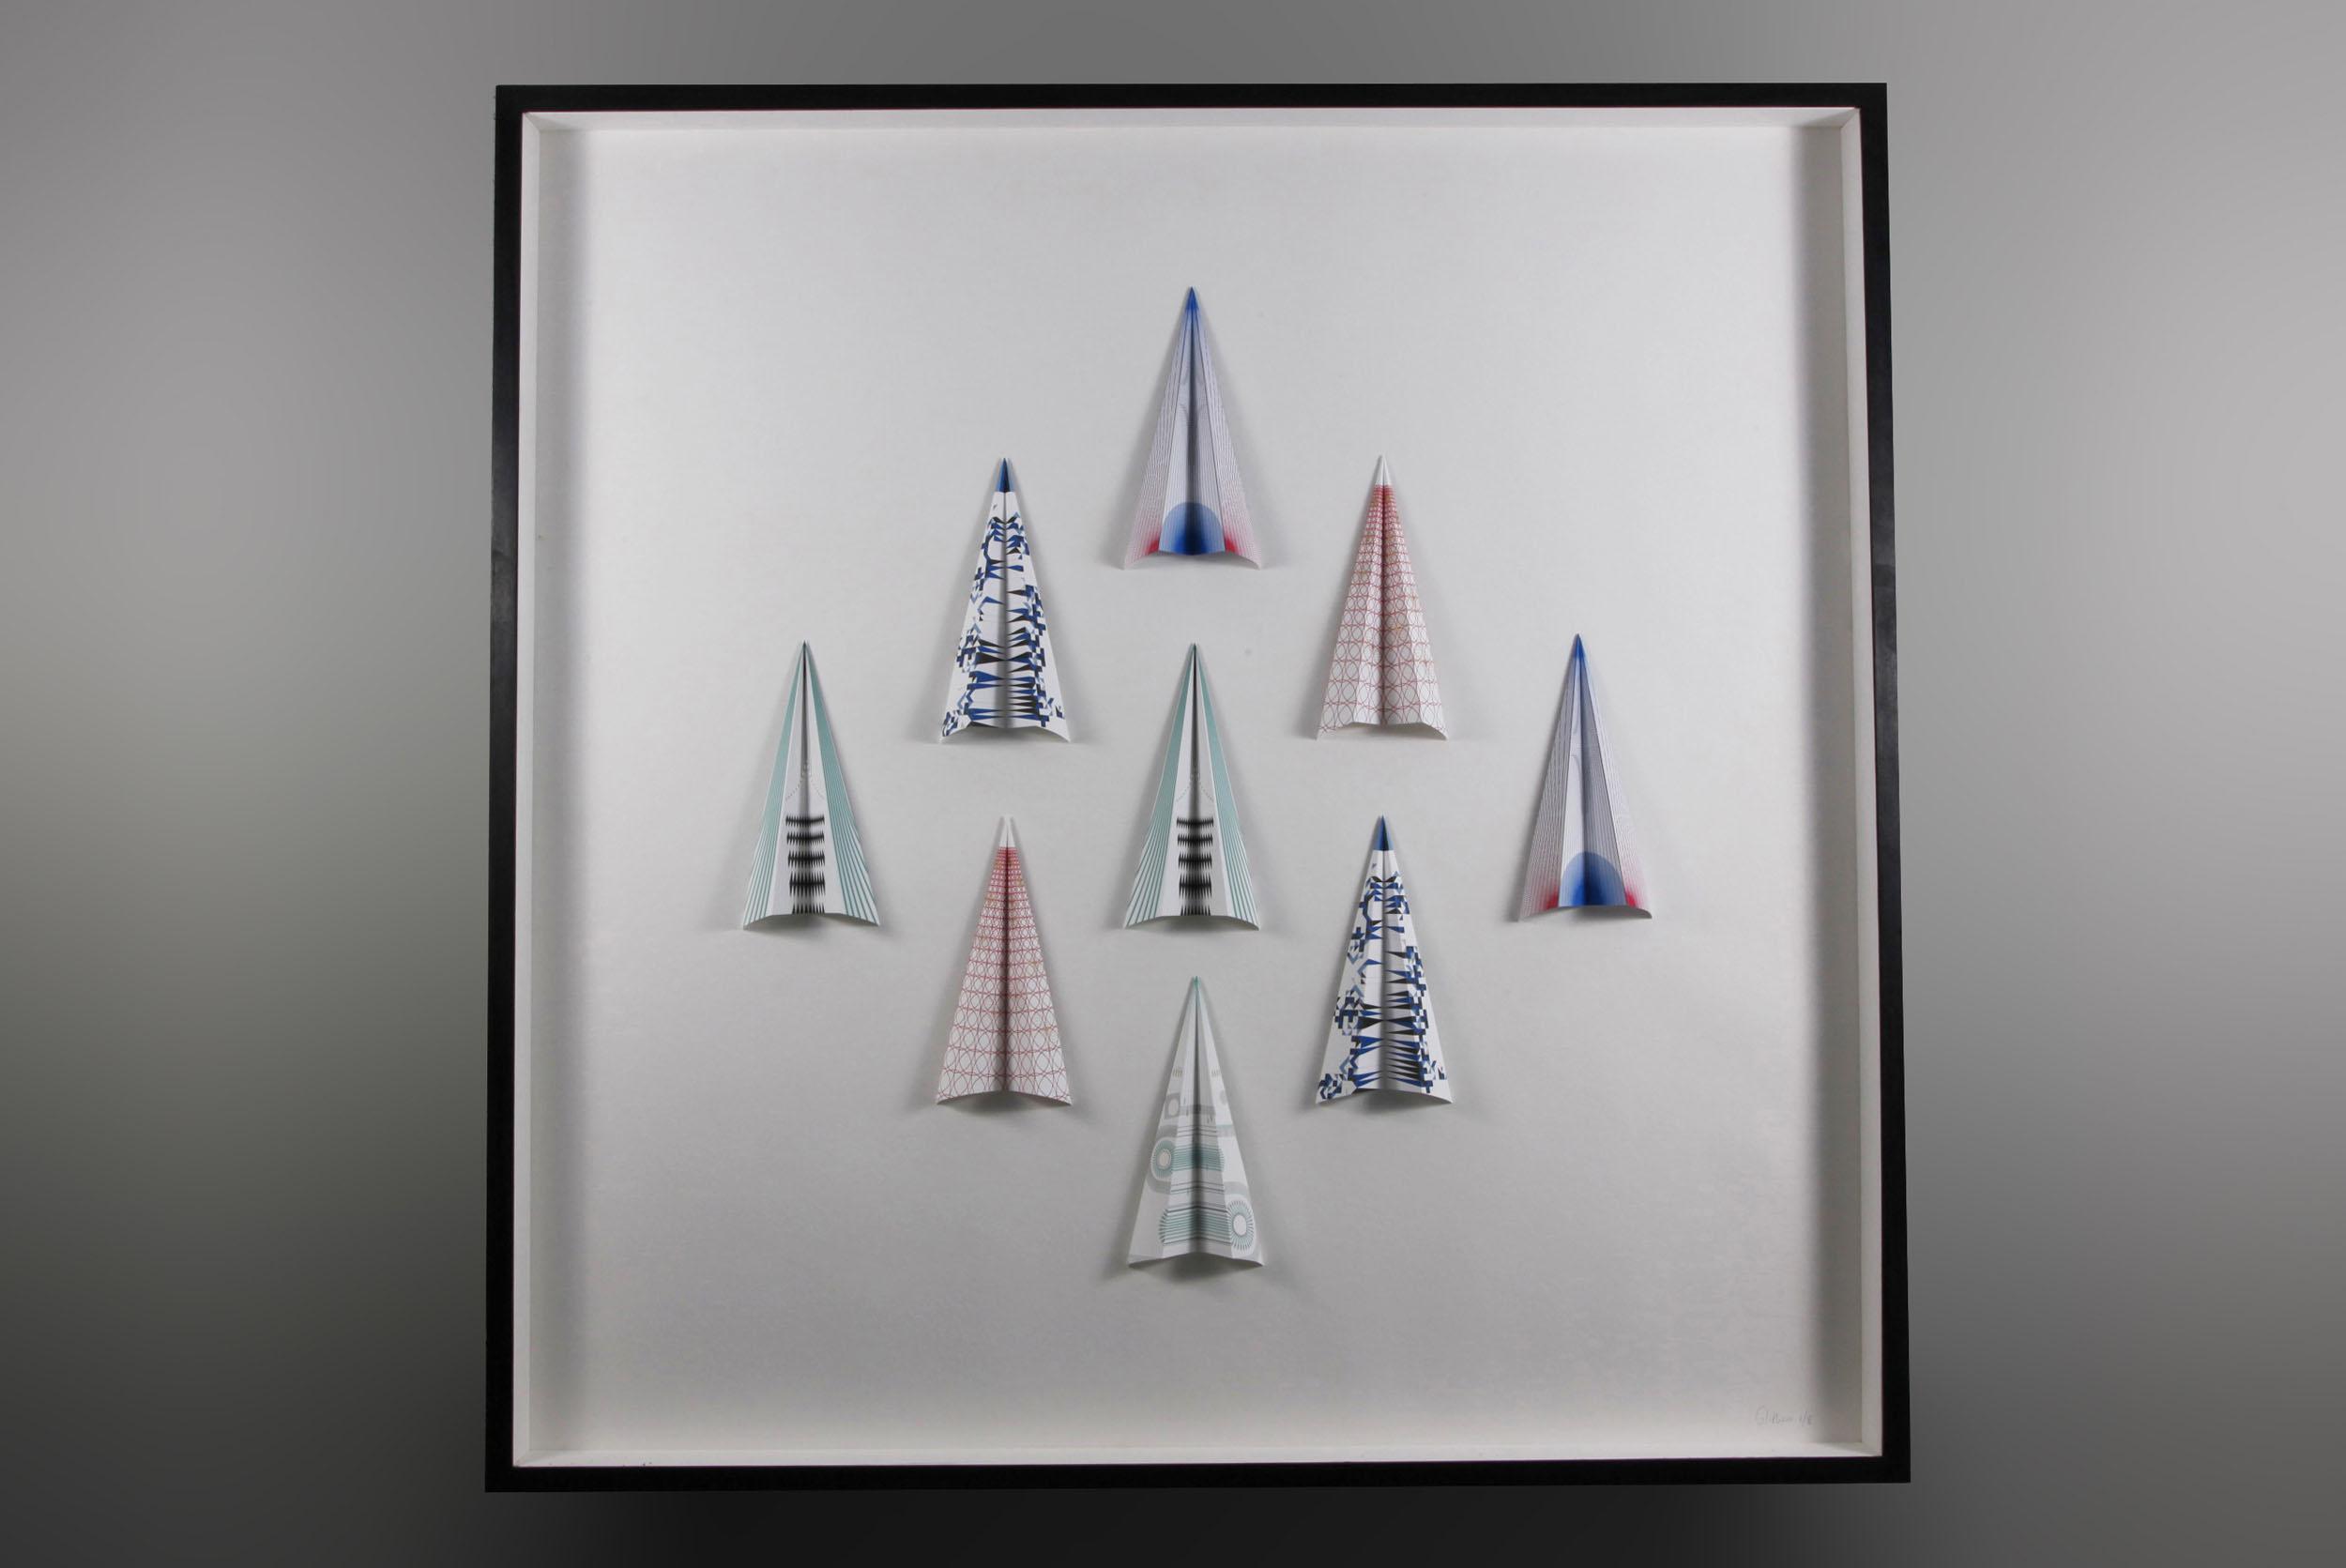 A framed set of Paper Planes in vertical flight formation